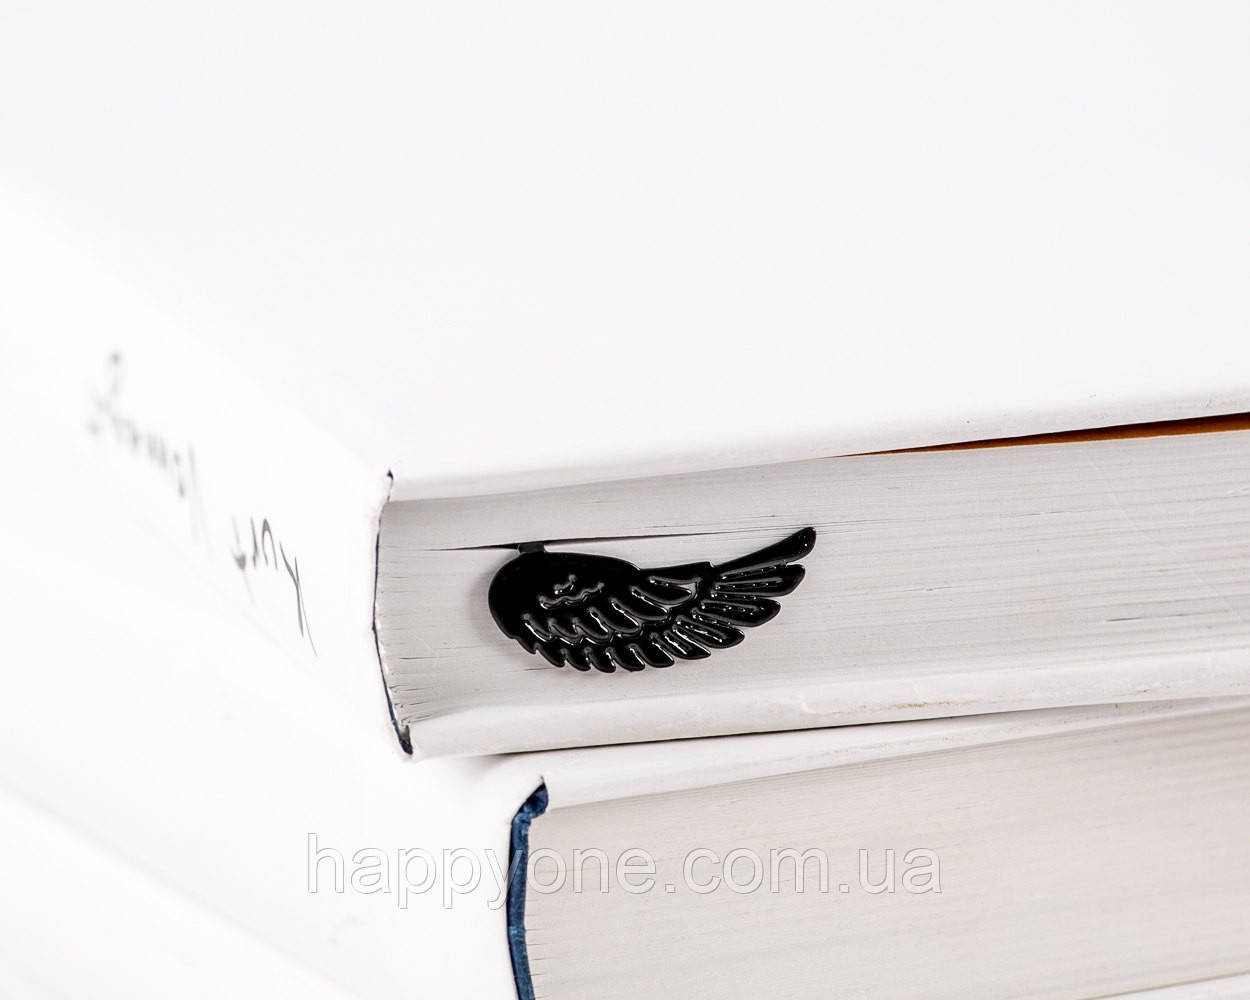 Закладка для книг Крыло